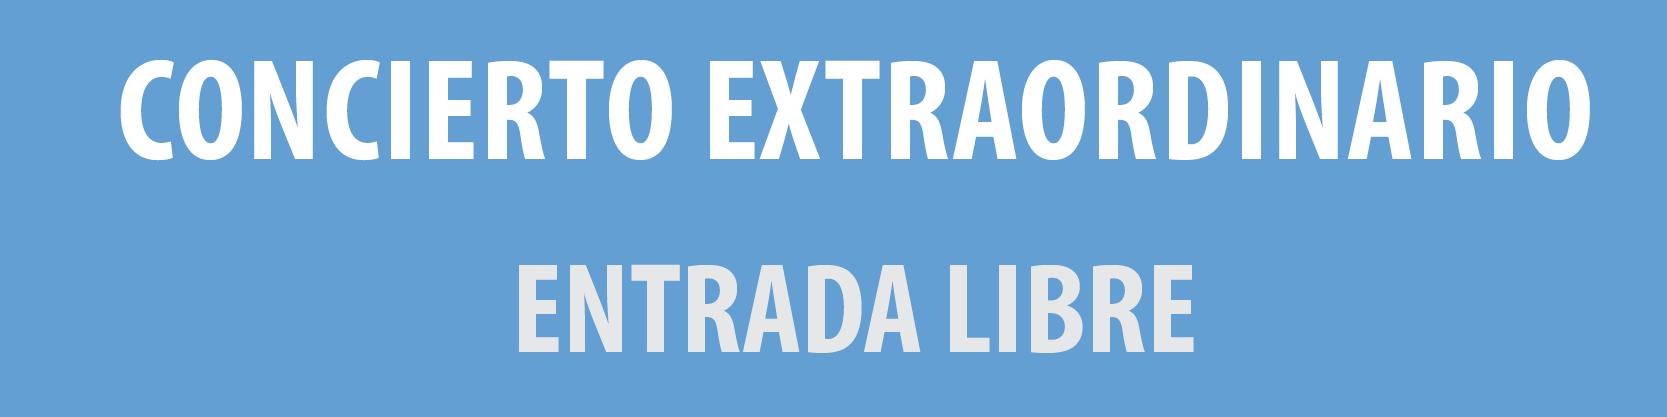 CONCIERTO EXTRAORDINARIO